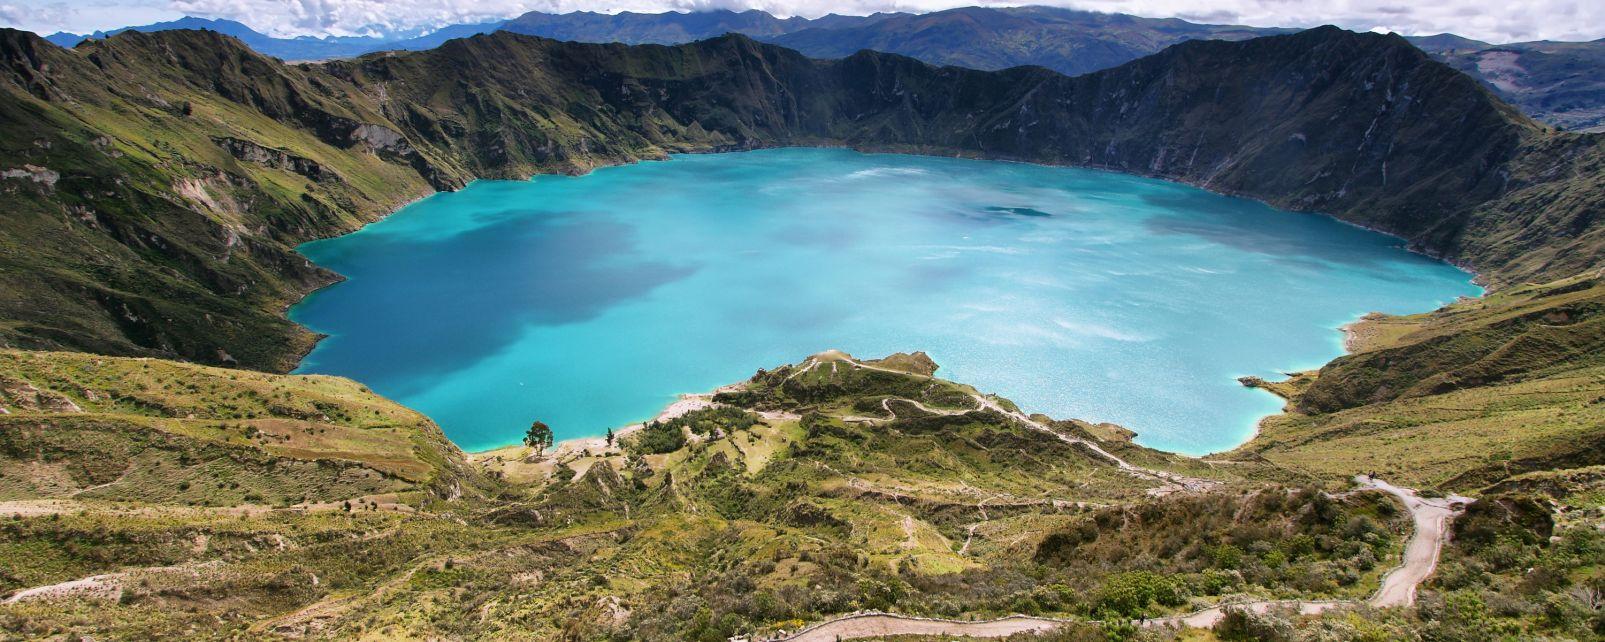 La lagune de Quilotoa, Les paysages, Equateur et Galapagos